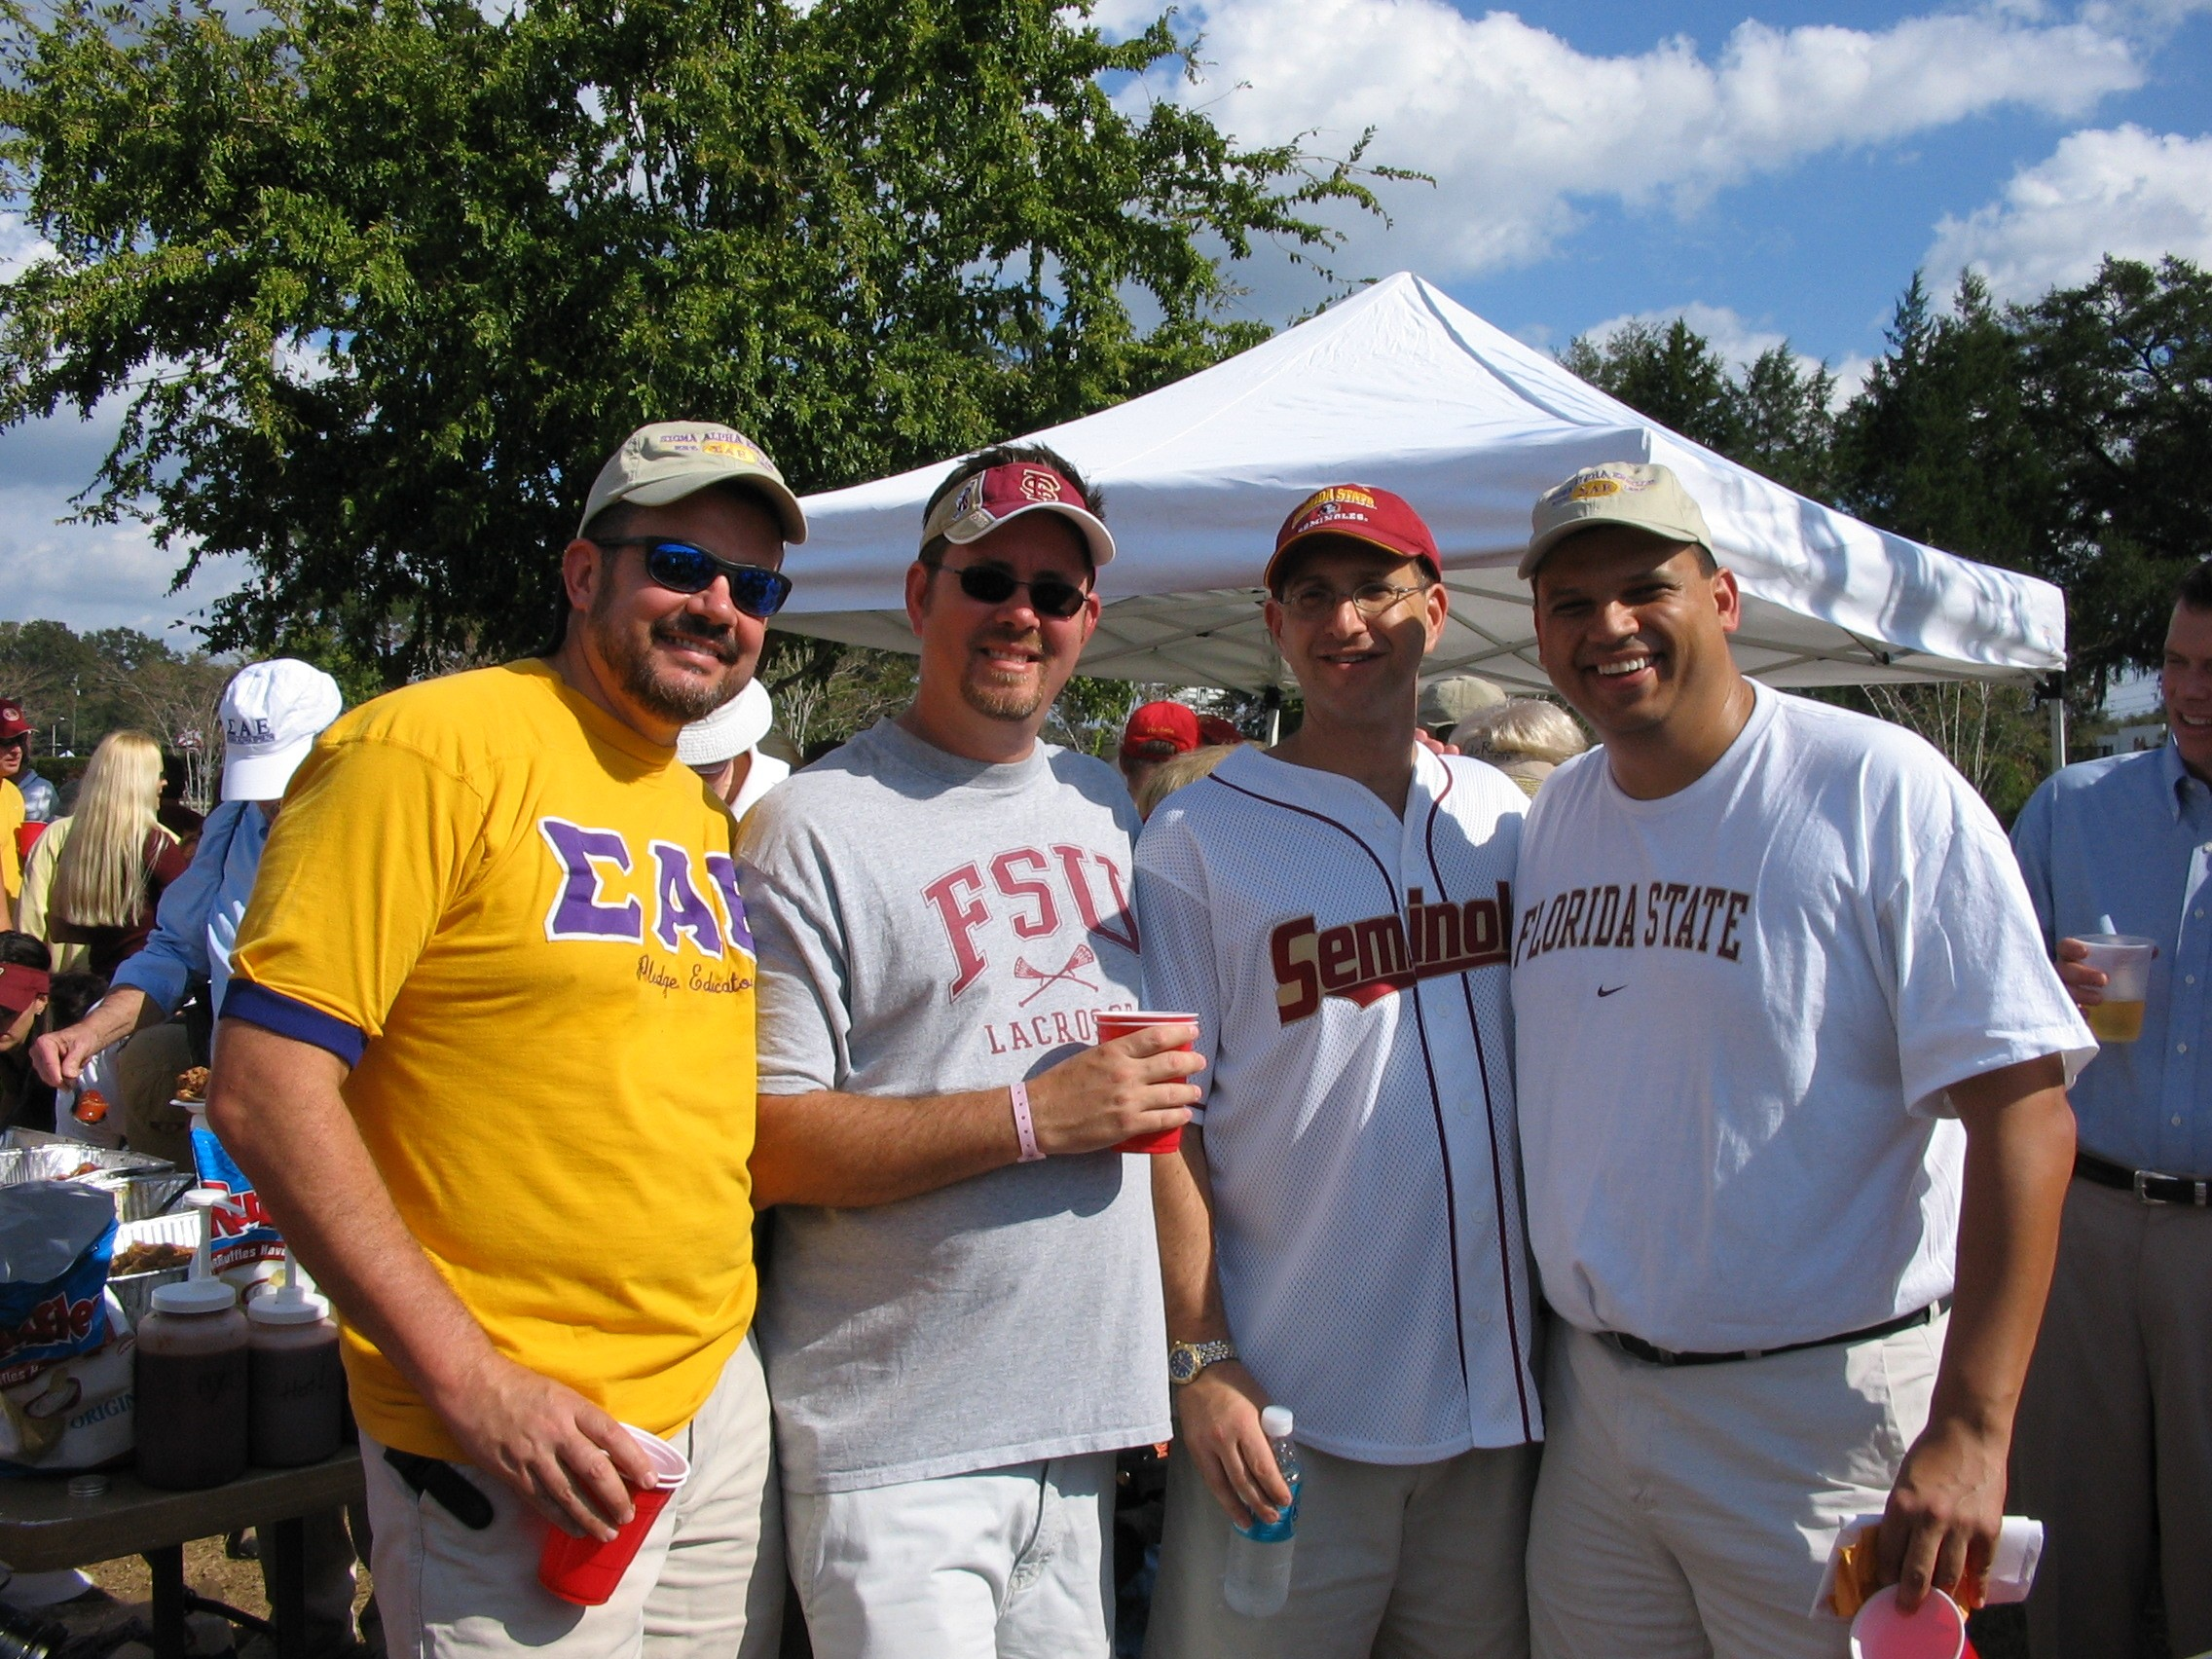 2005 alumni tailgate-Sabu,Griner, Fredericks, Grohmann.JPG